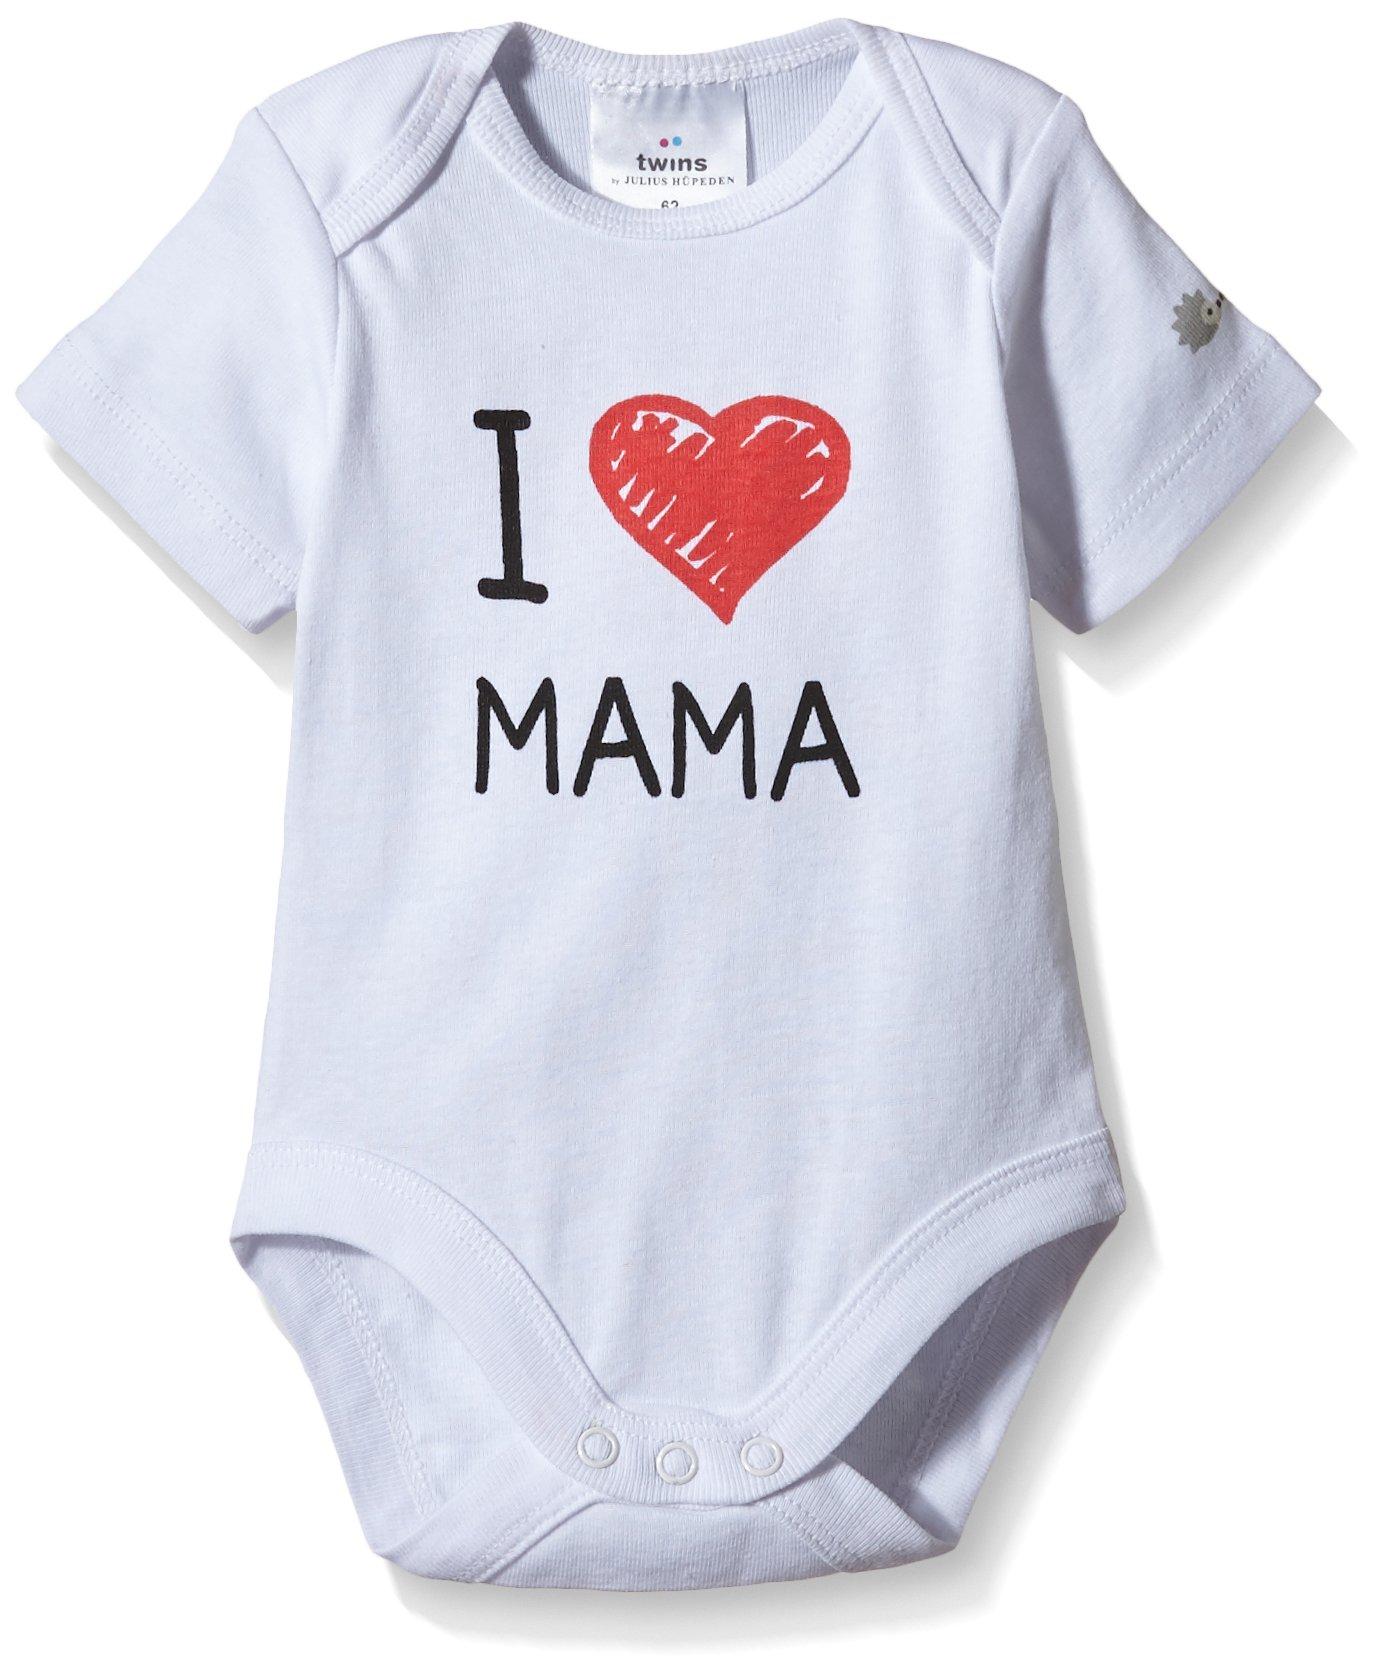 Twins Body con impresión «I Love Mama» para Bebé, Unisex